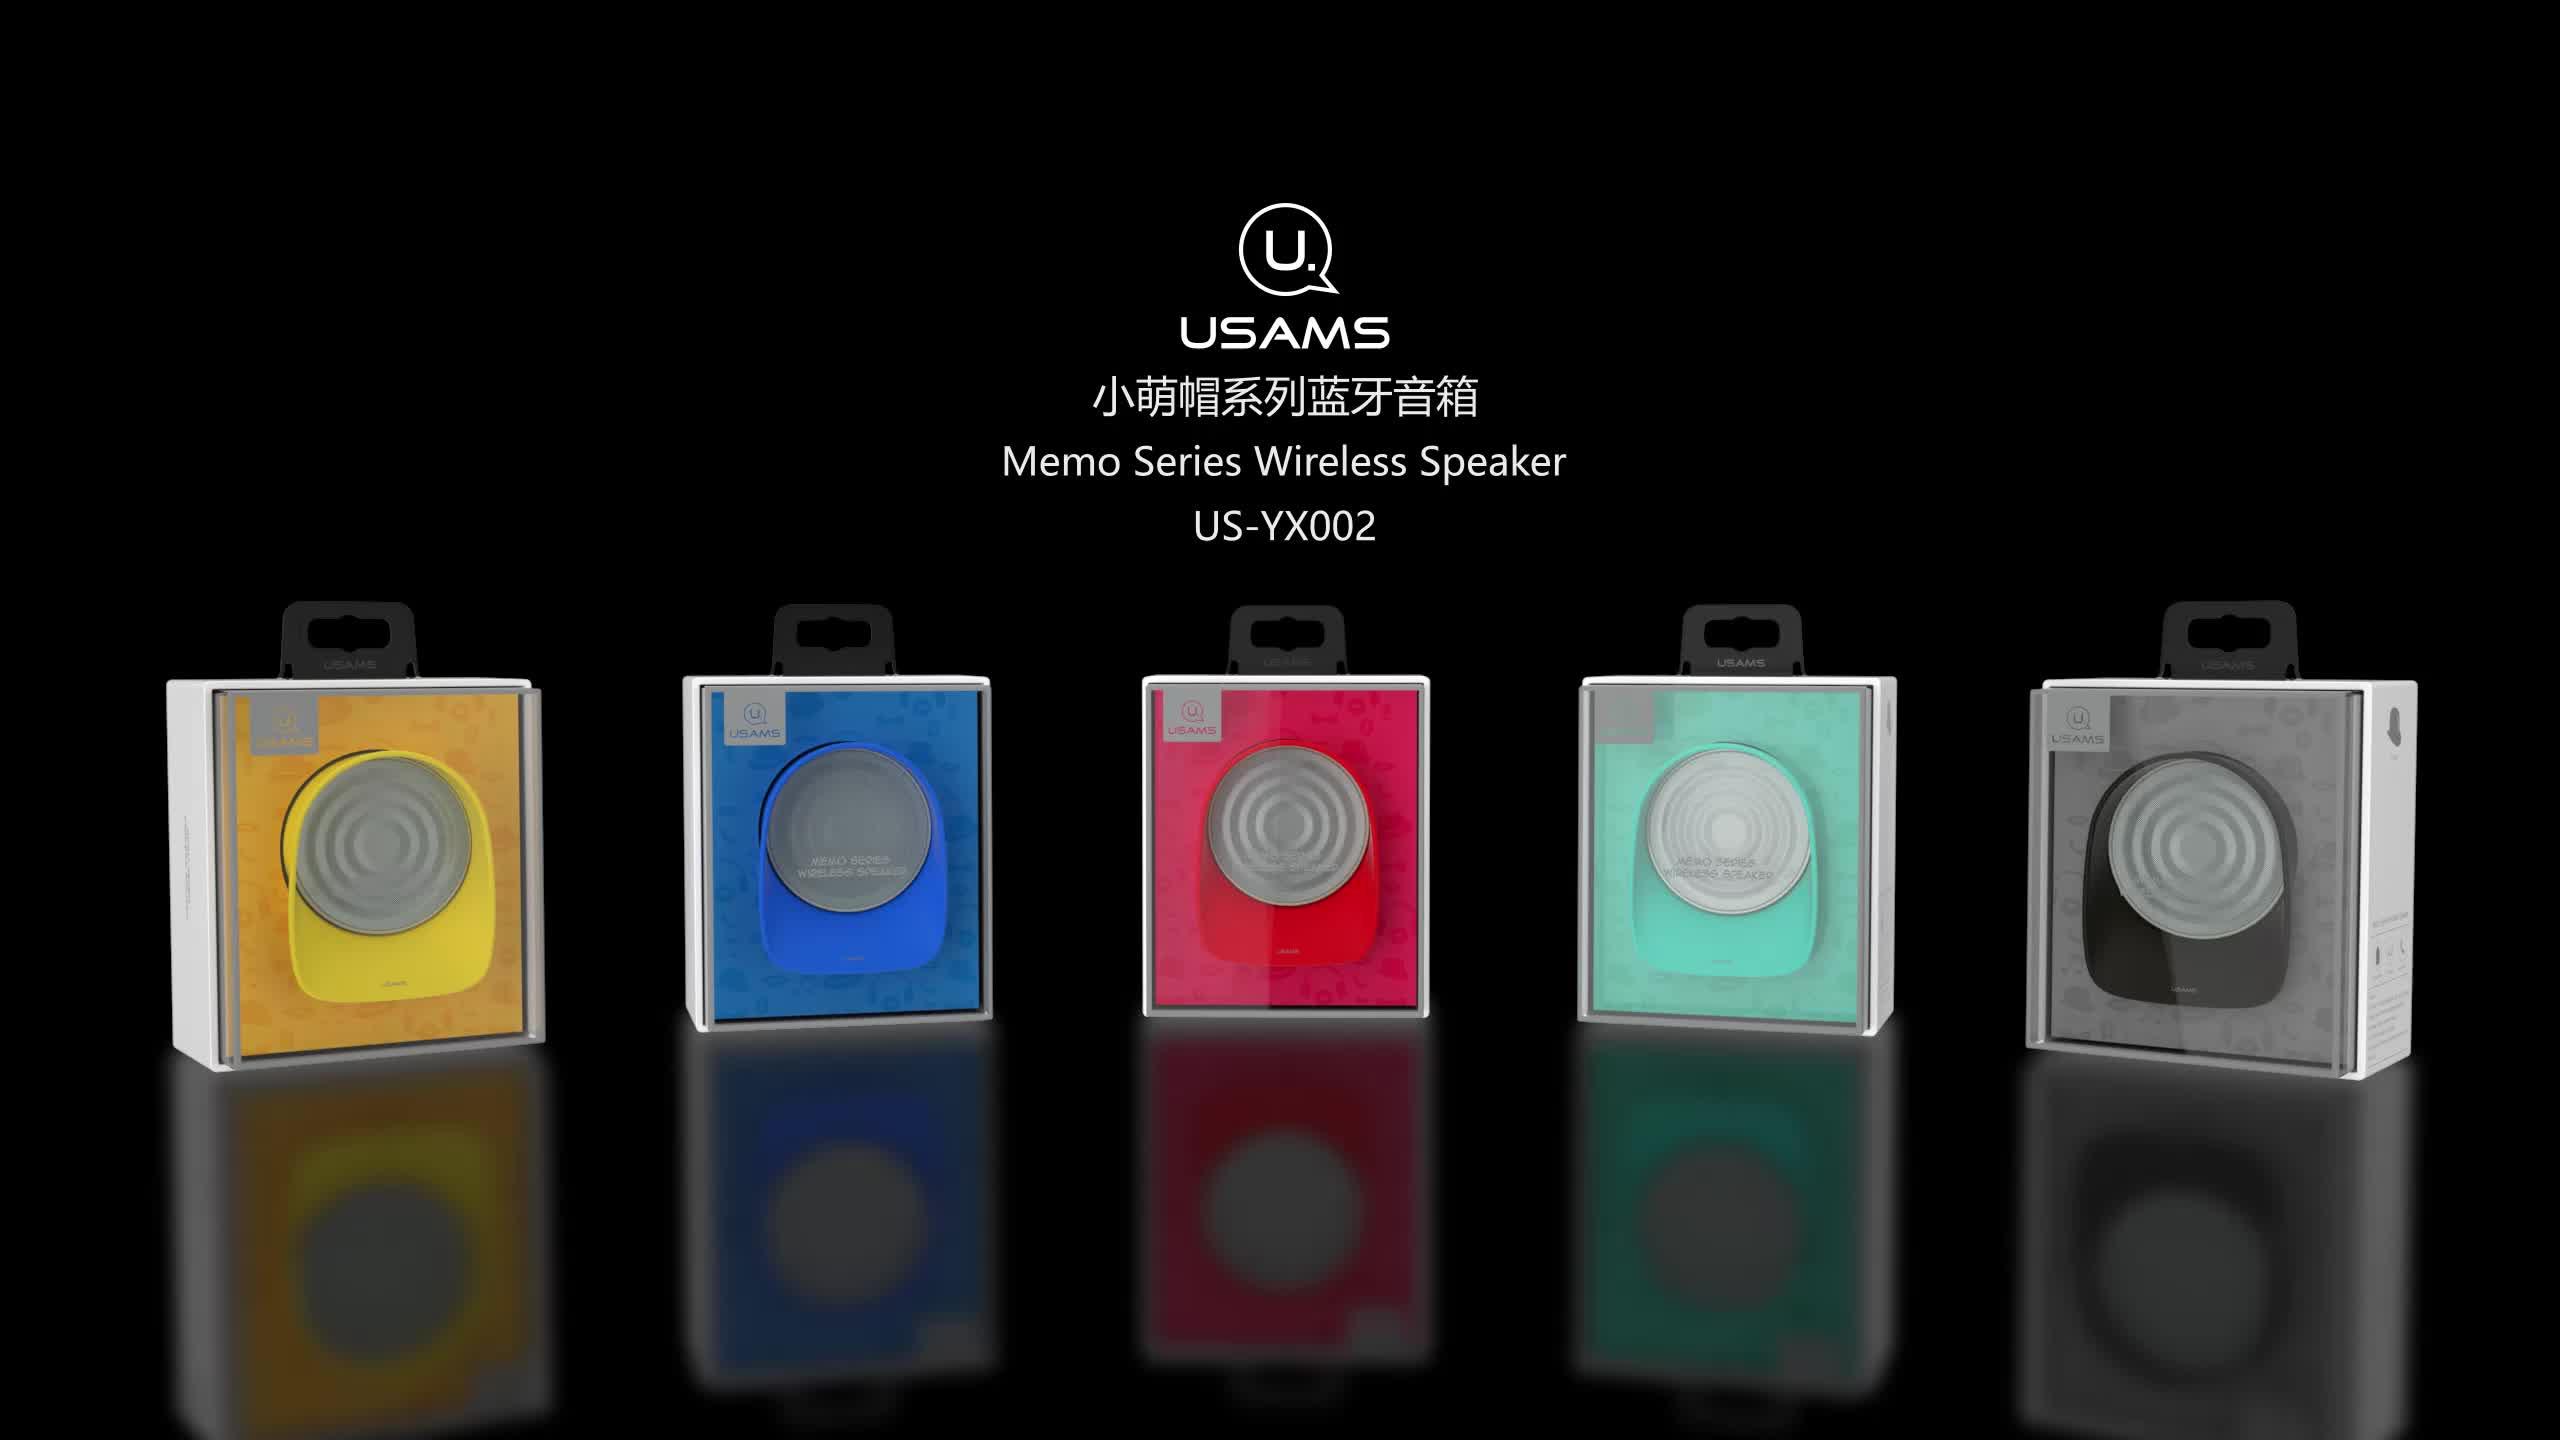 USAMS US-YX002 orange and white rohs Memo colorful fashion design mini sound box wireless cute music portable speaker